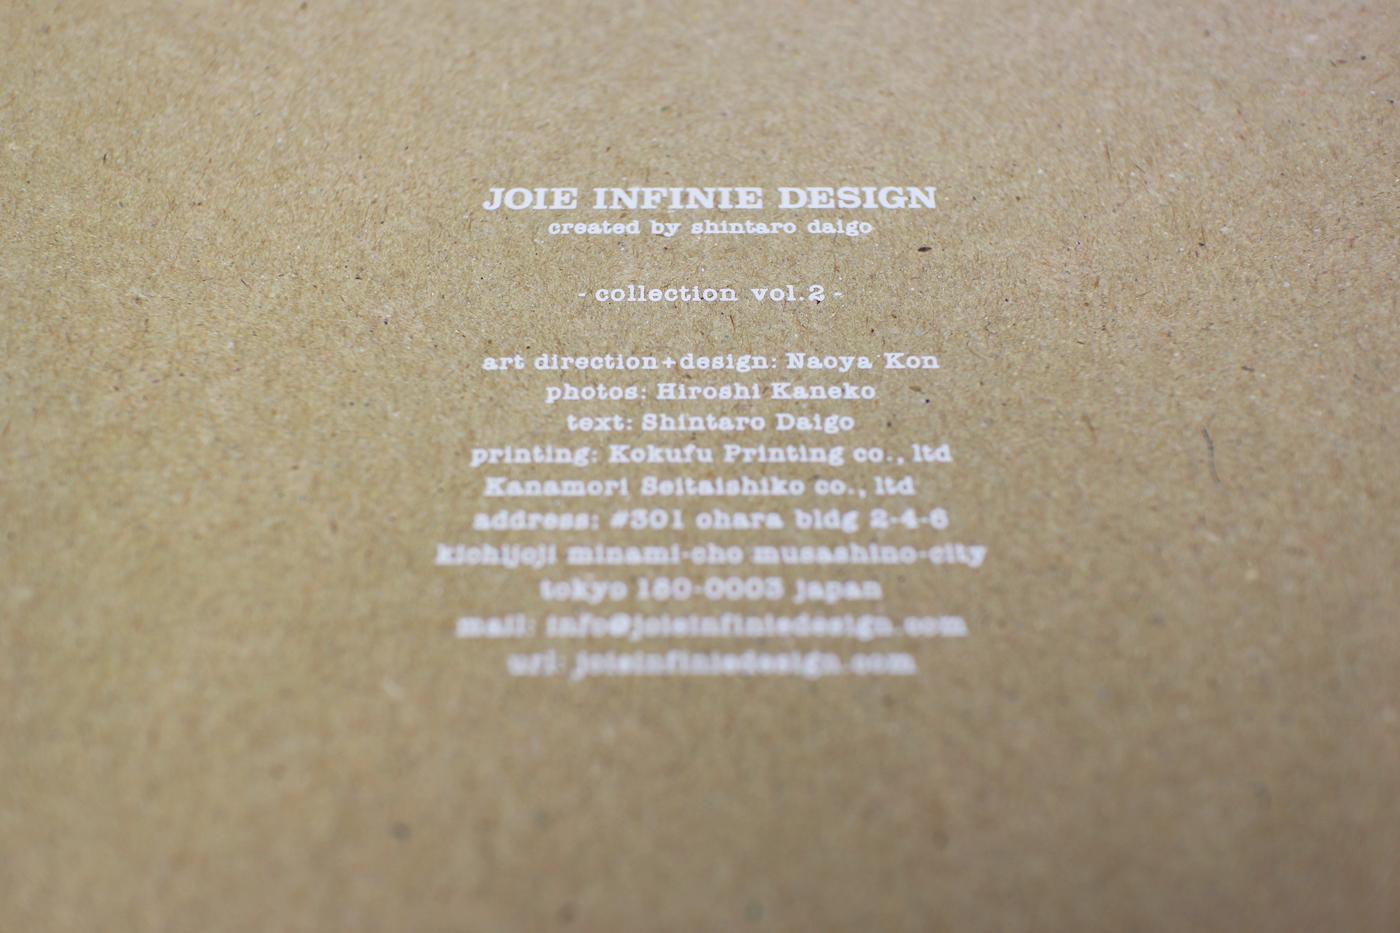 joie_catalog_02